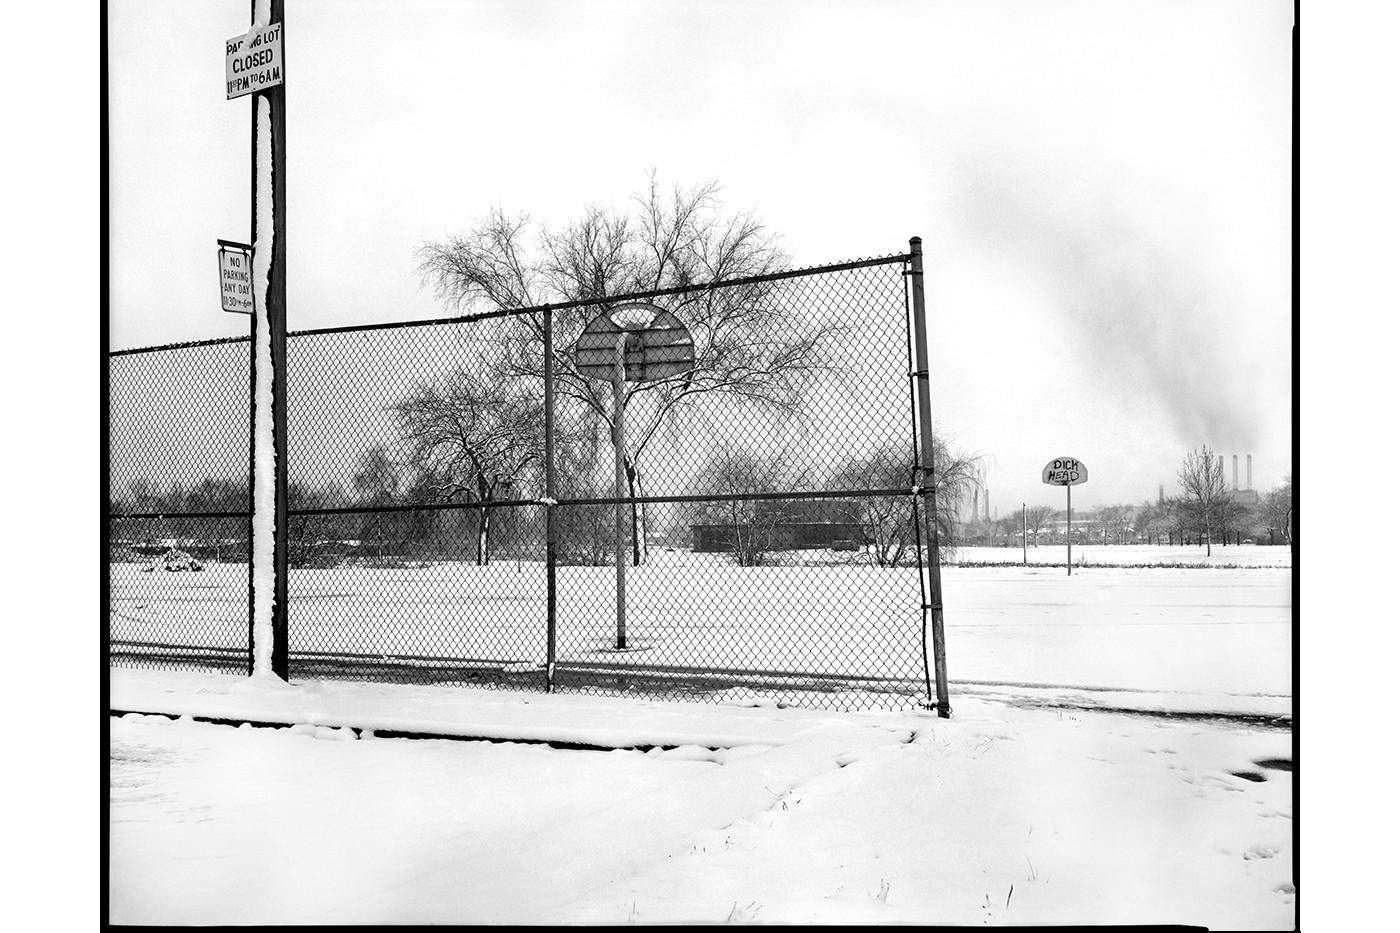 Public Neighborhood Basketball Courts 19